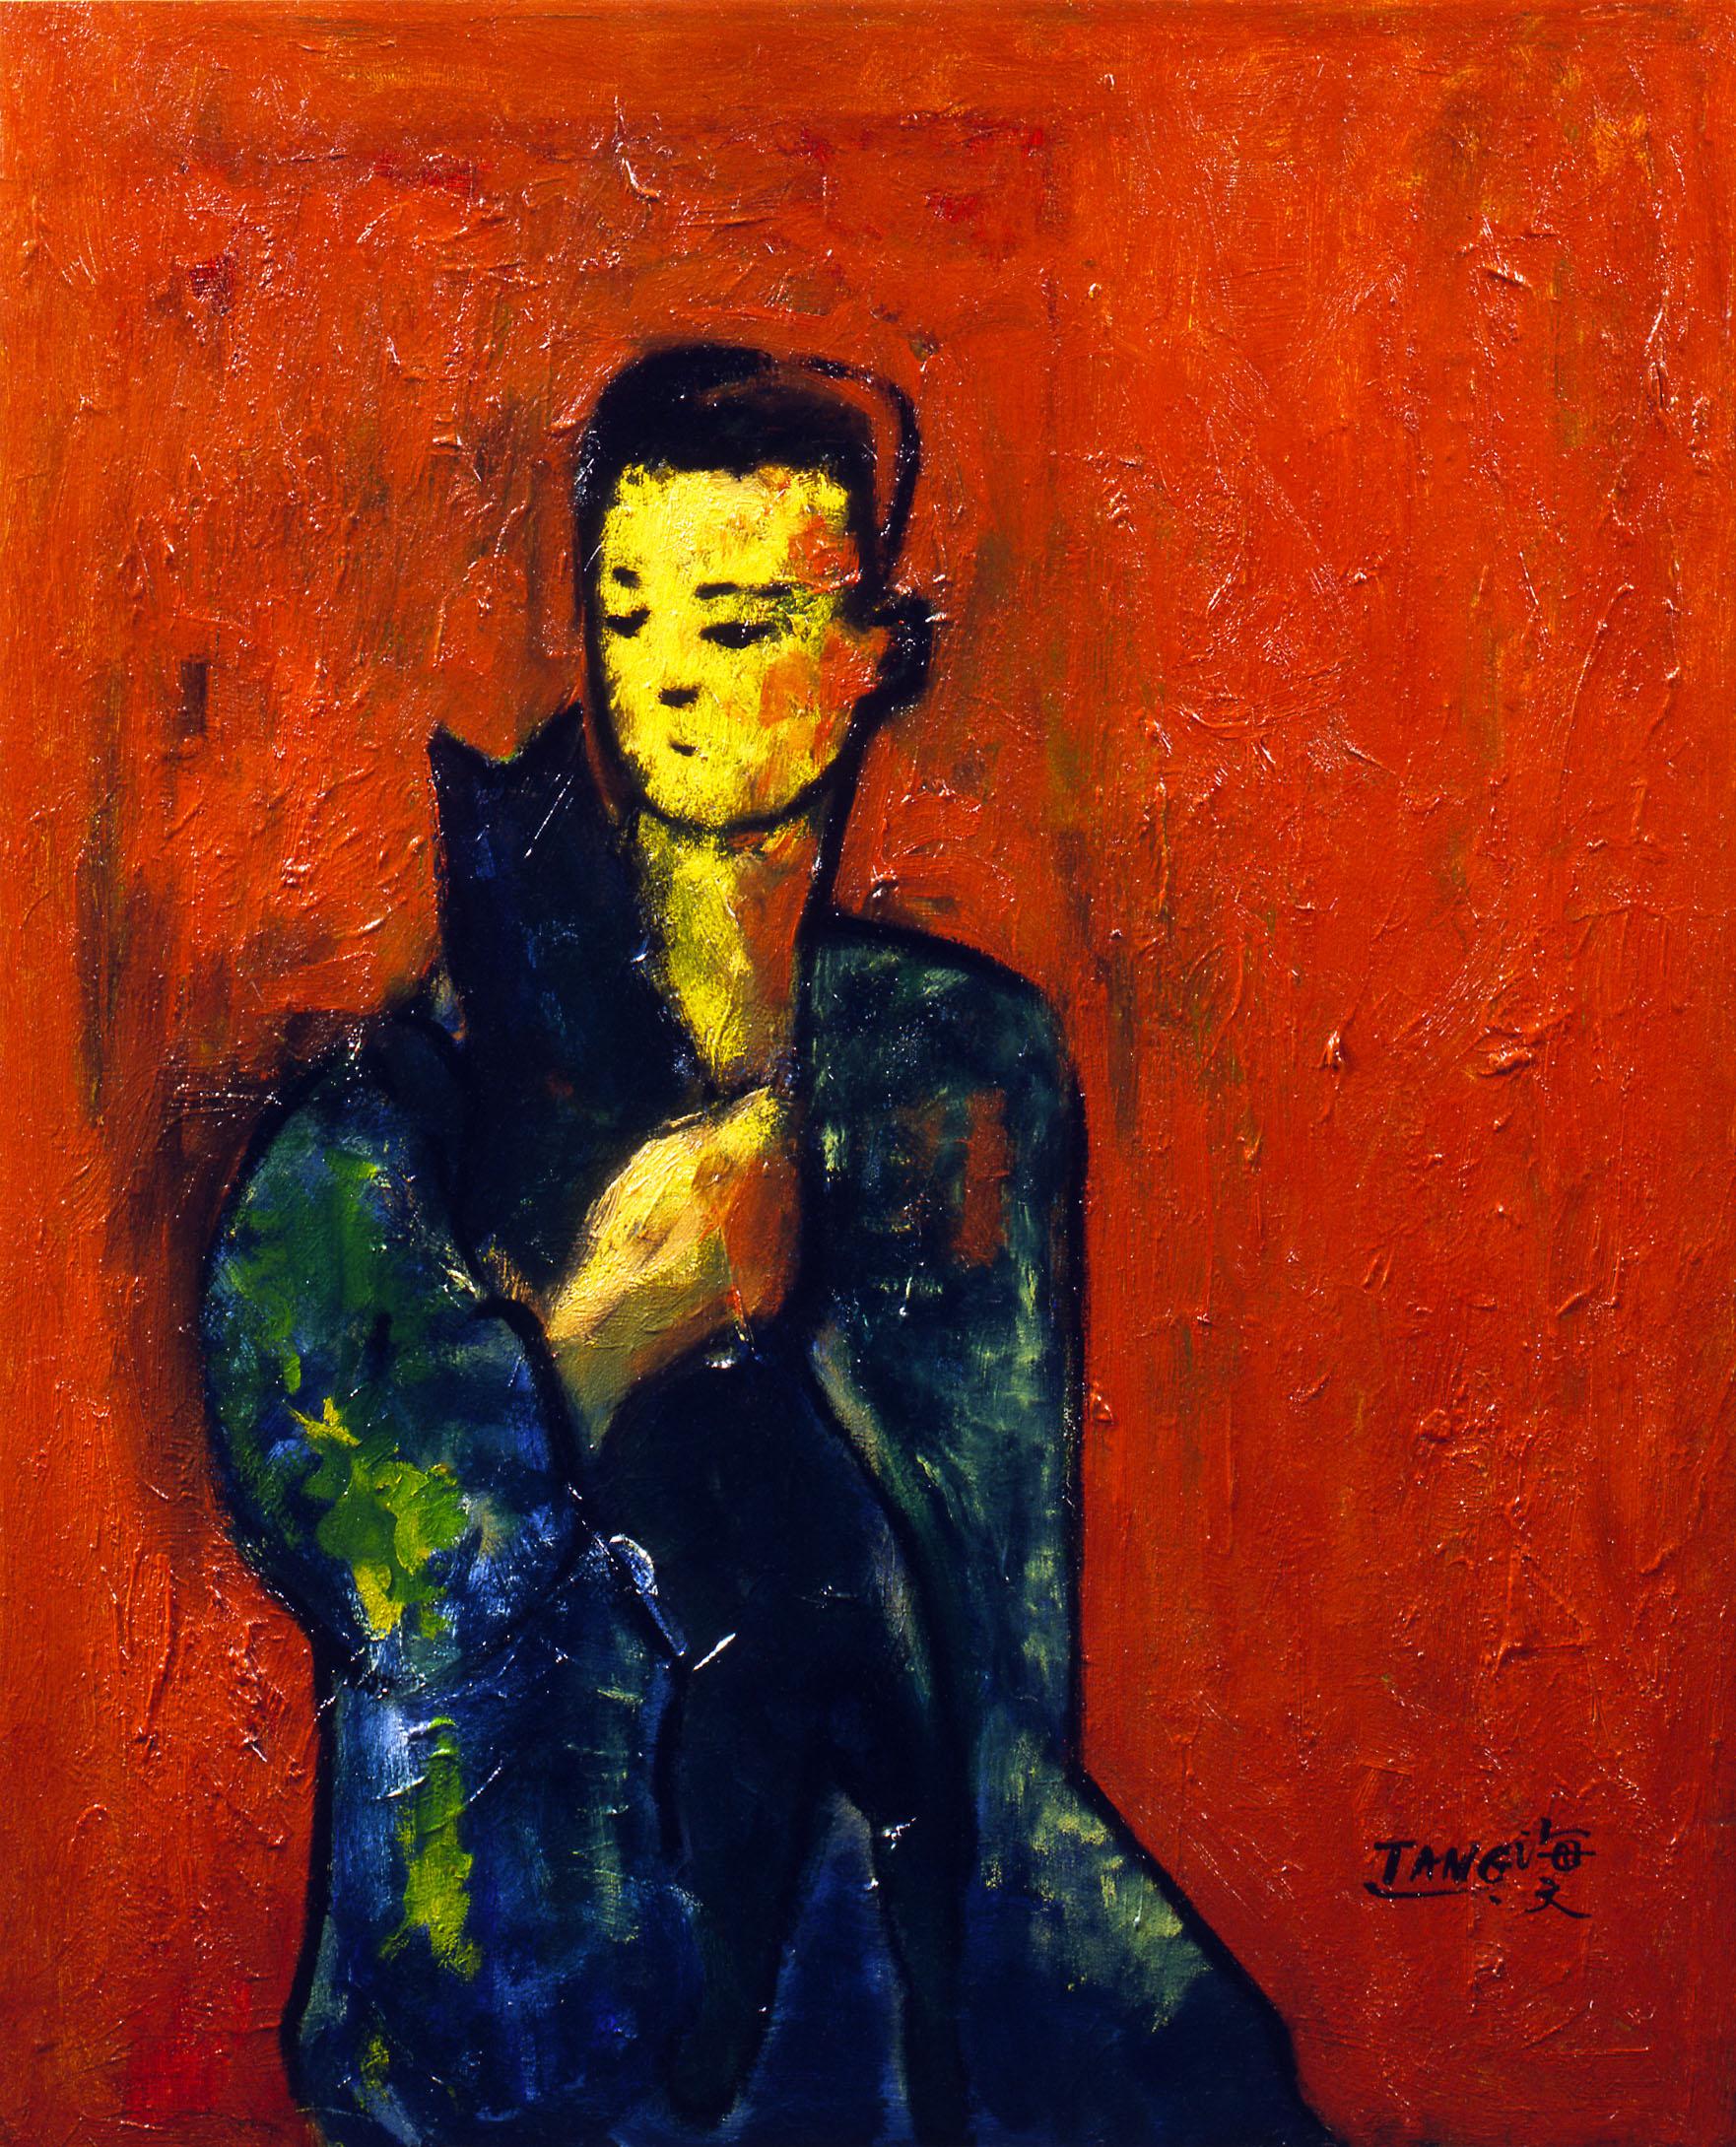 Autoportrait au chat, circa 1955-1960, huile sur toile, 61x50 cm.